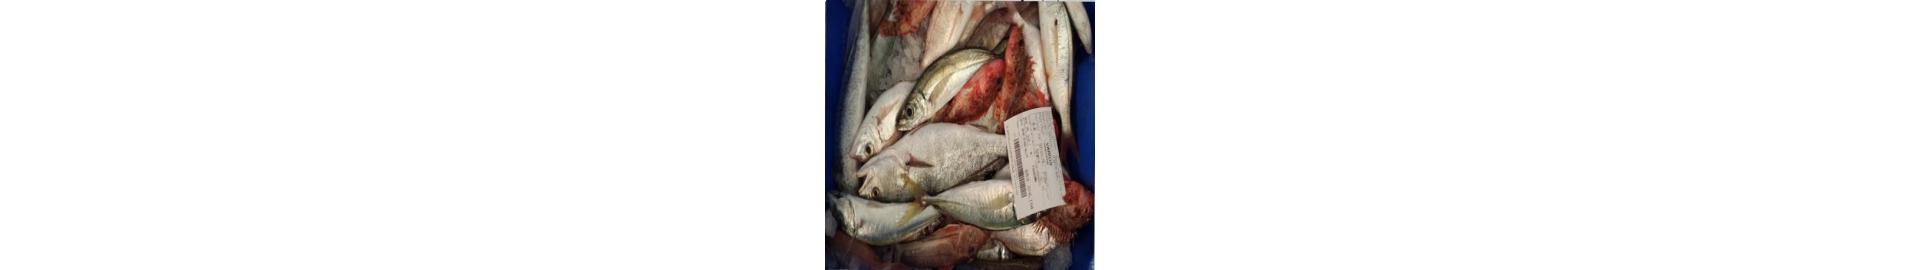 Comprar pescado para sopa  a domicilio